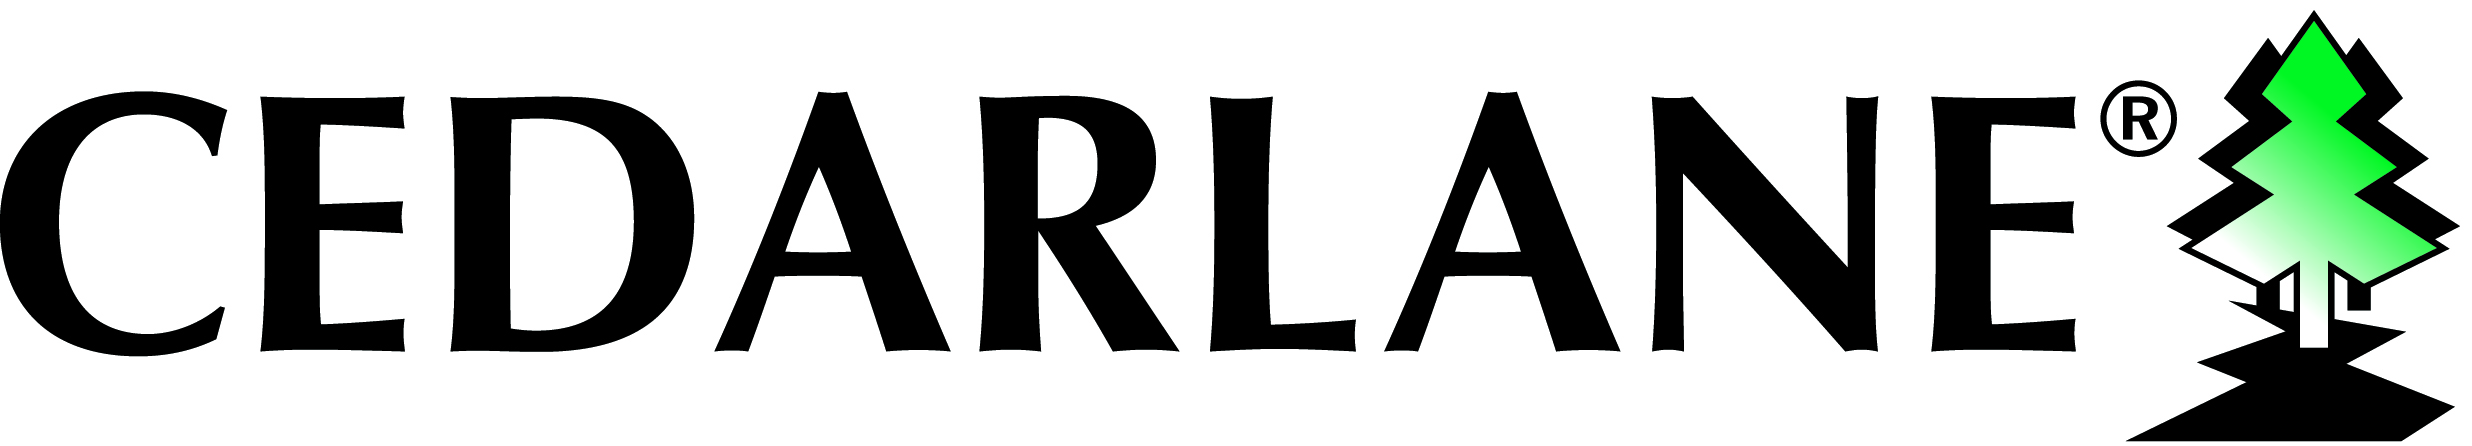 Cedarlane logo-reagents-no_web